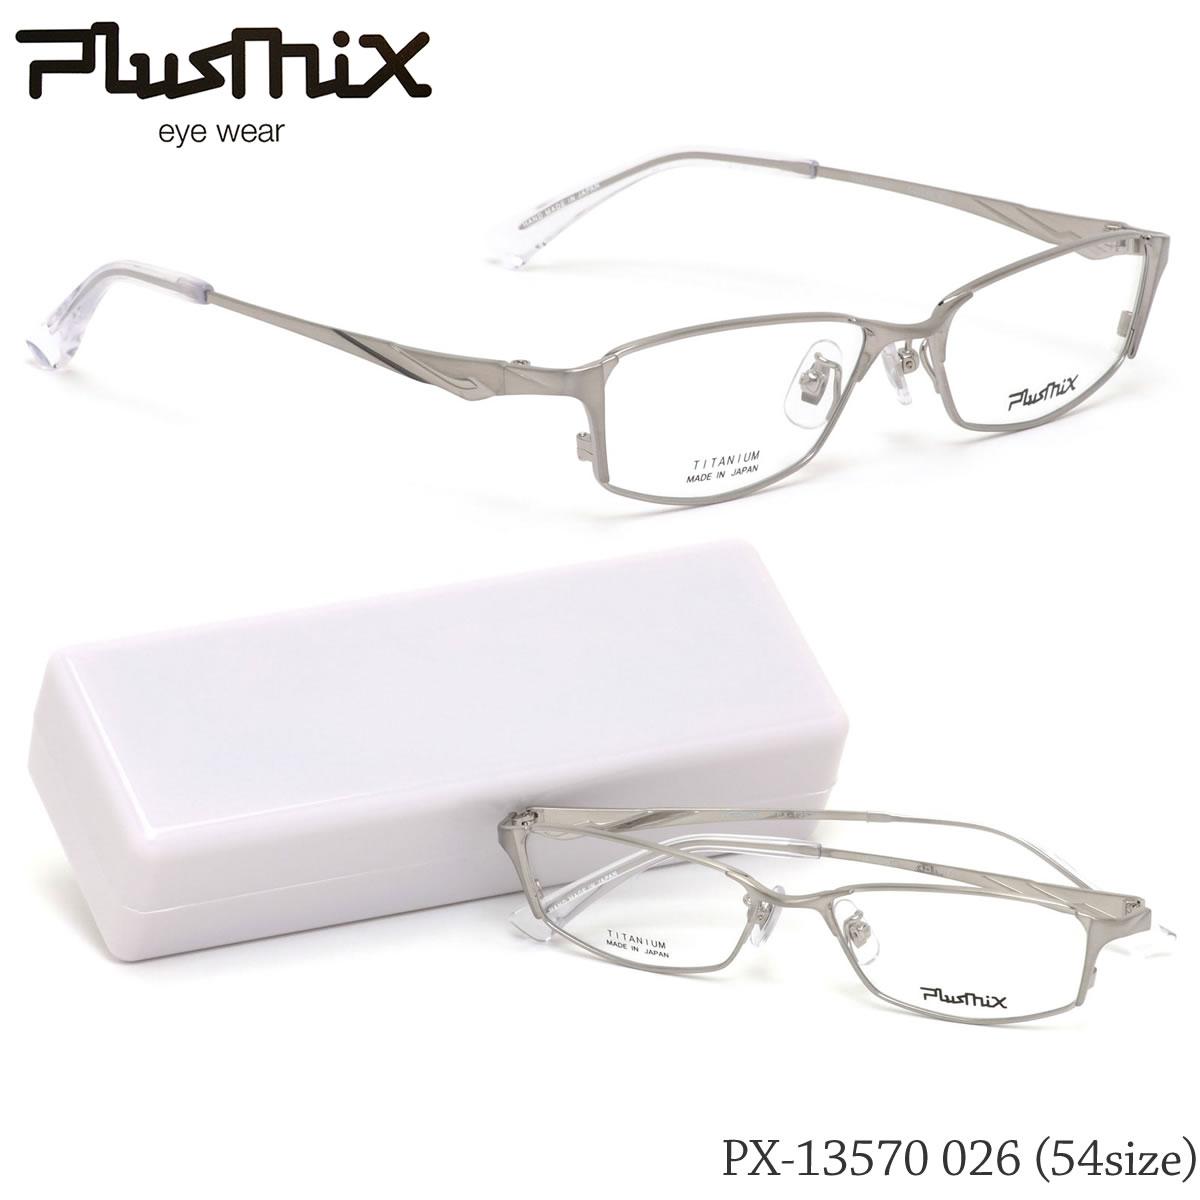 【10月30日からエントリーで全品ポイント20倍】プラスミックス PlusMix メガネPX-13570 026 54サイズ日本製 シャープ ビジネス ベーシック 特許取得 MADE IN JAPAN伊達メガネレンズ無料 メンズ レディース